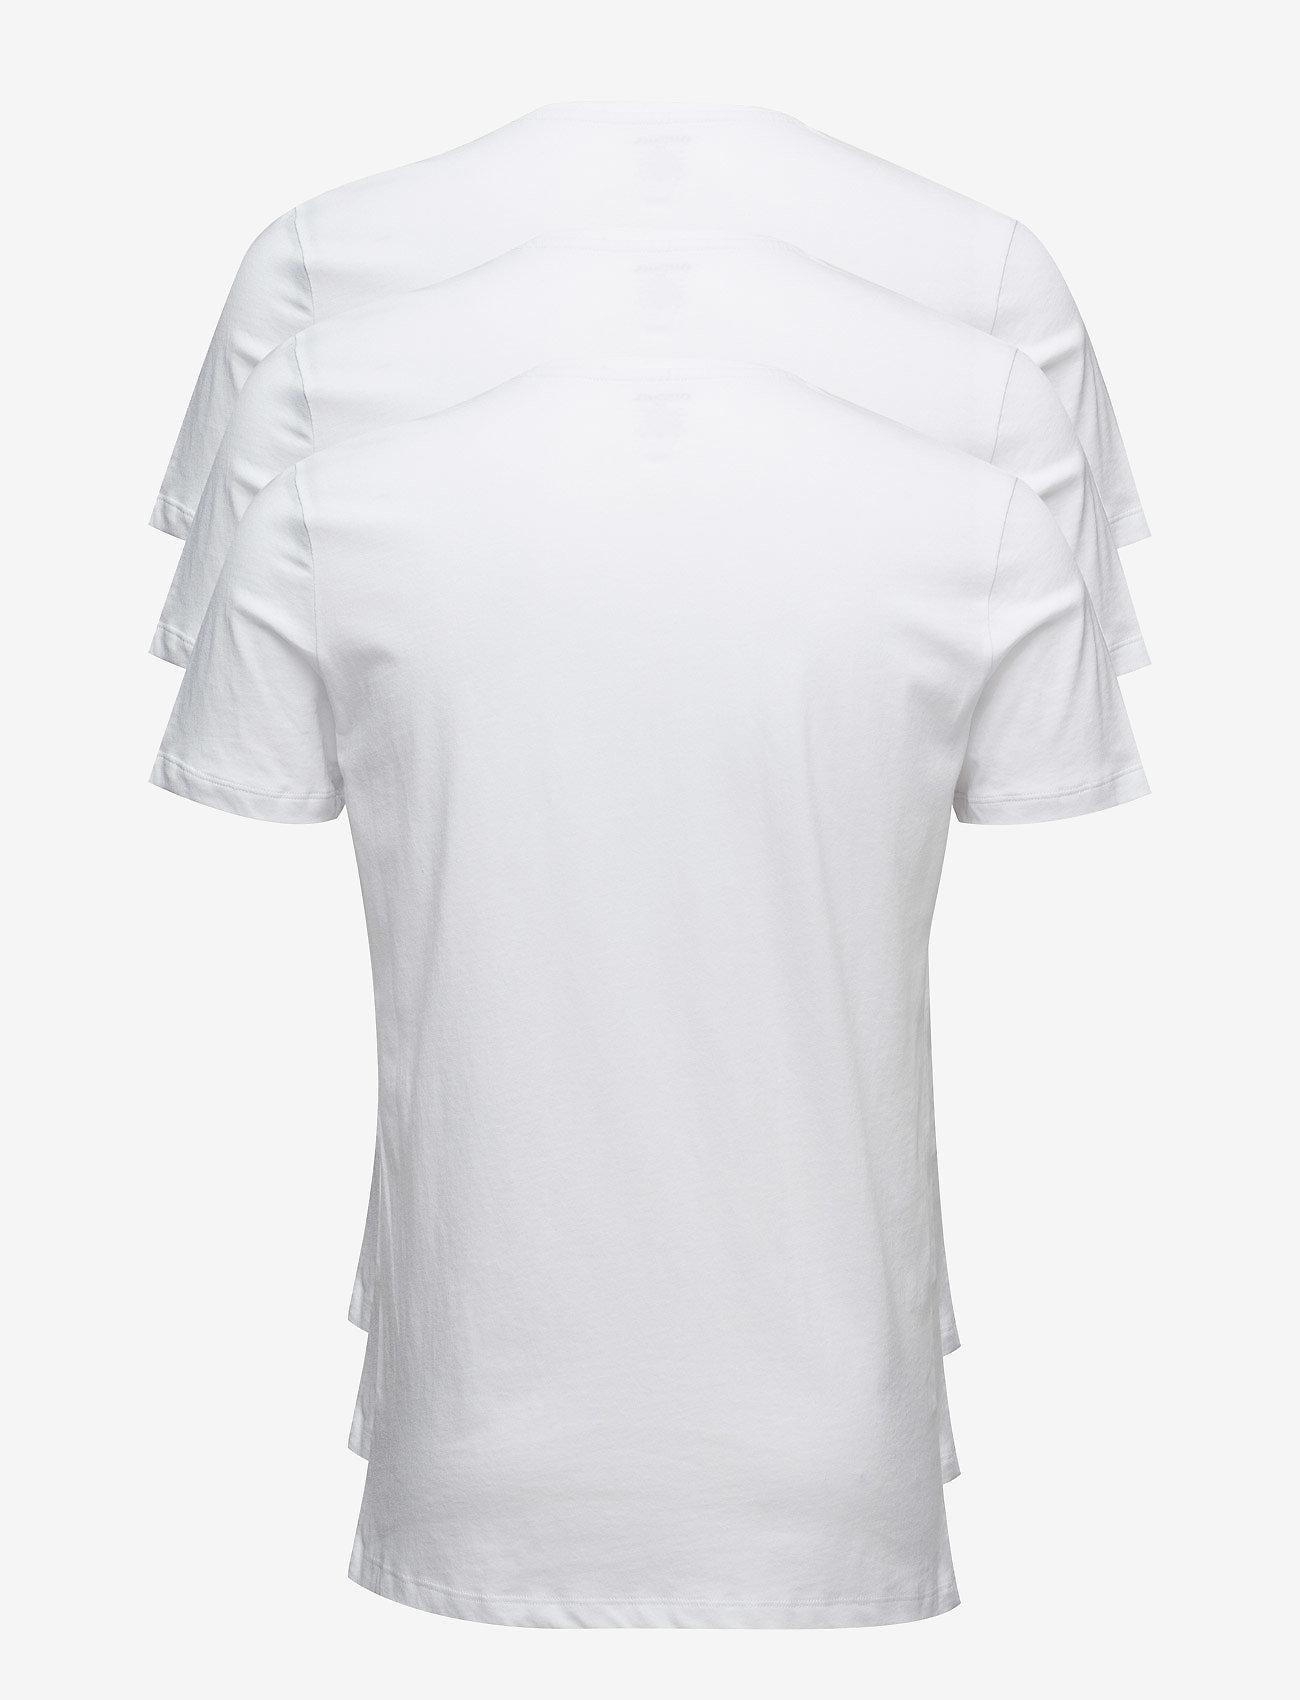 Diesel Men - UMTEE-JAKETHREEPACK  T-SHIRT - multipack - bright white - 1